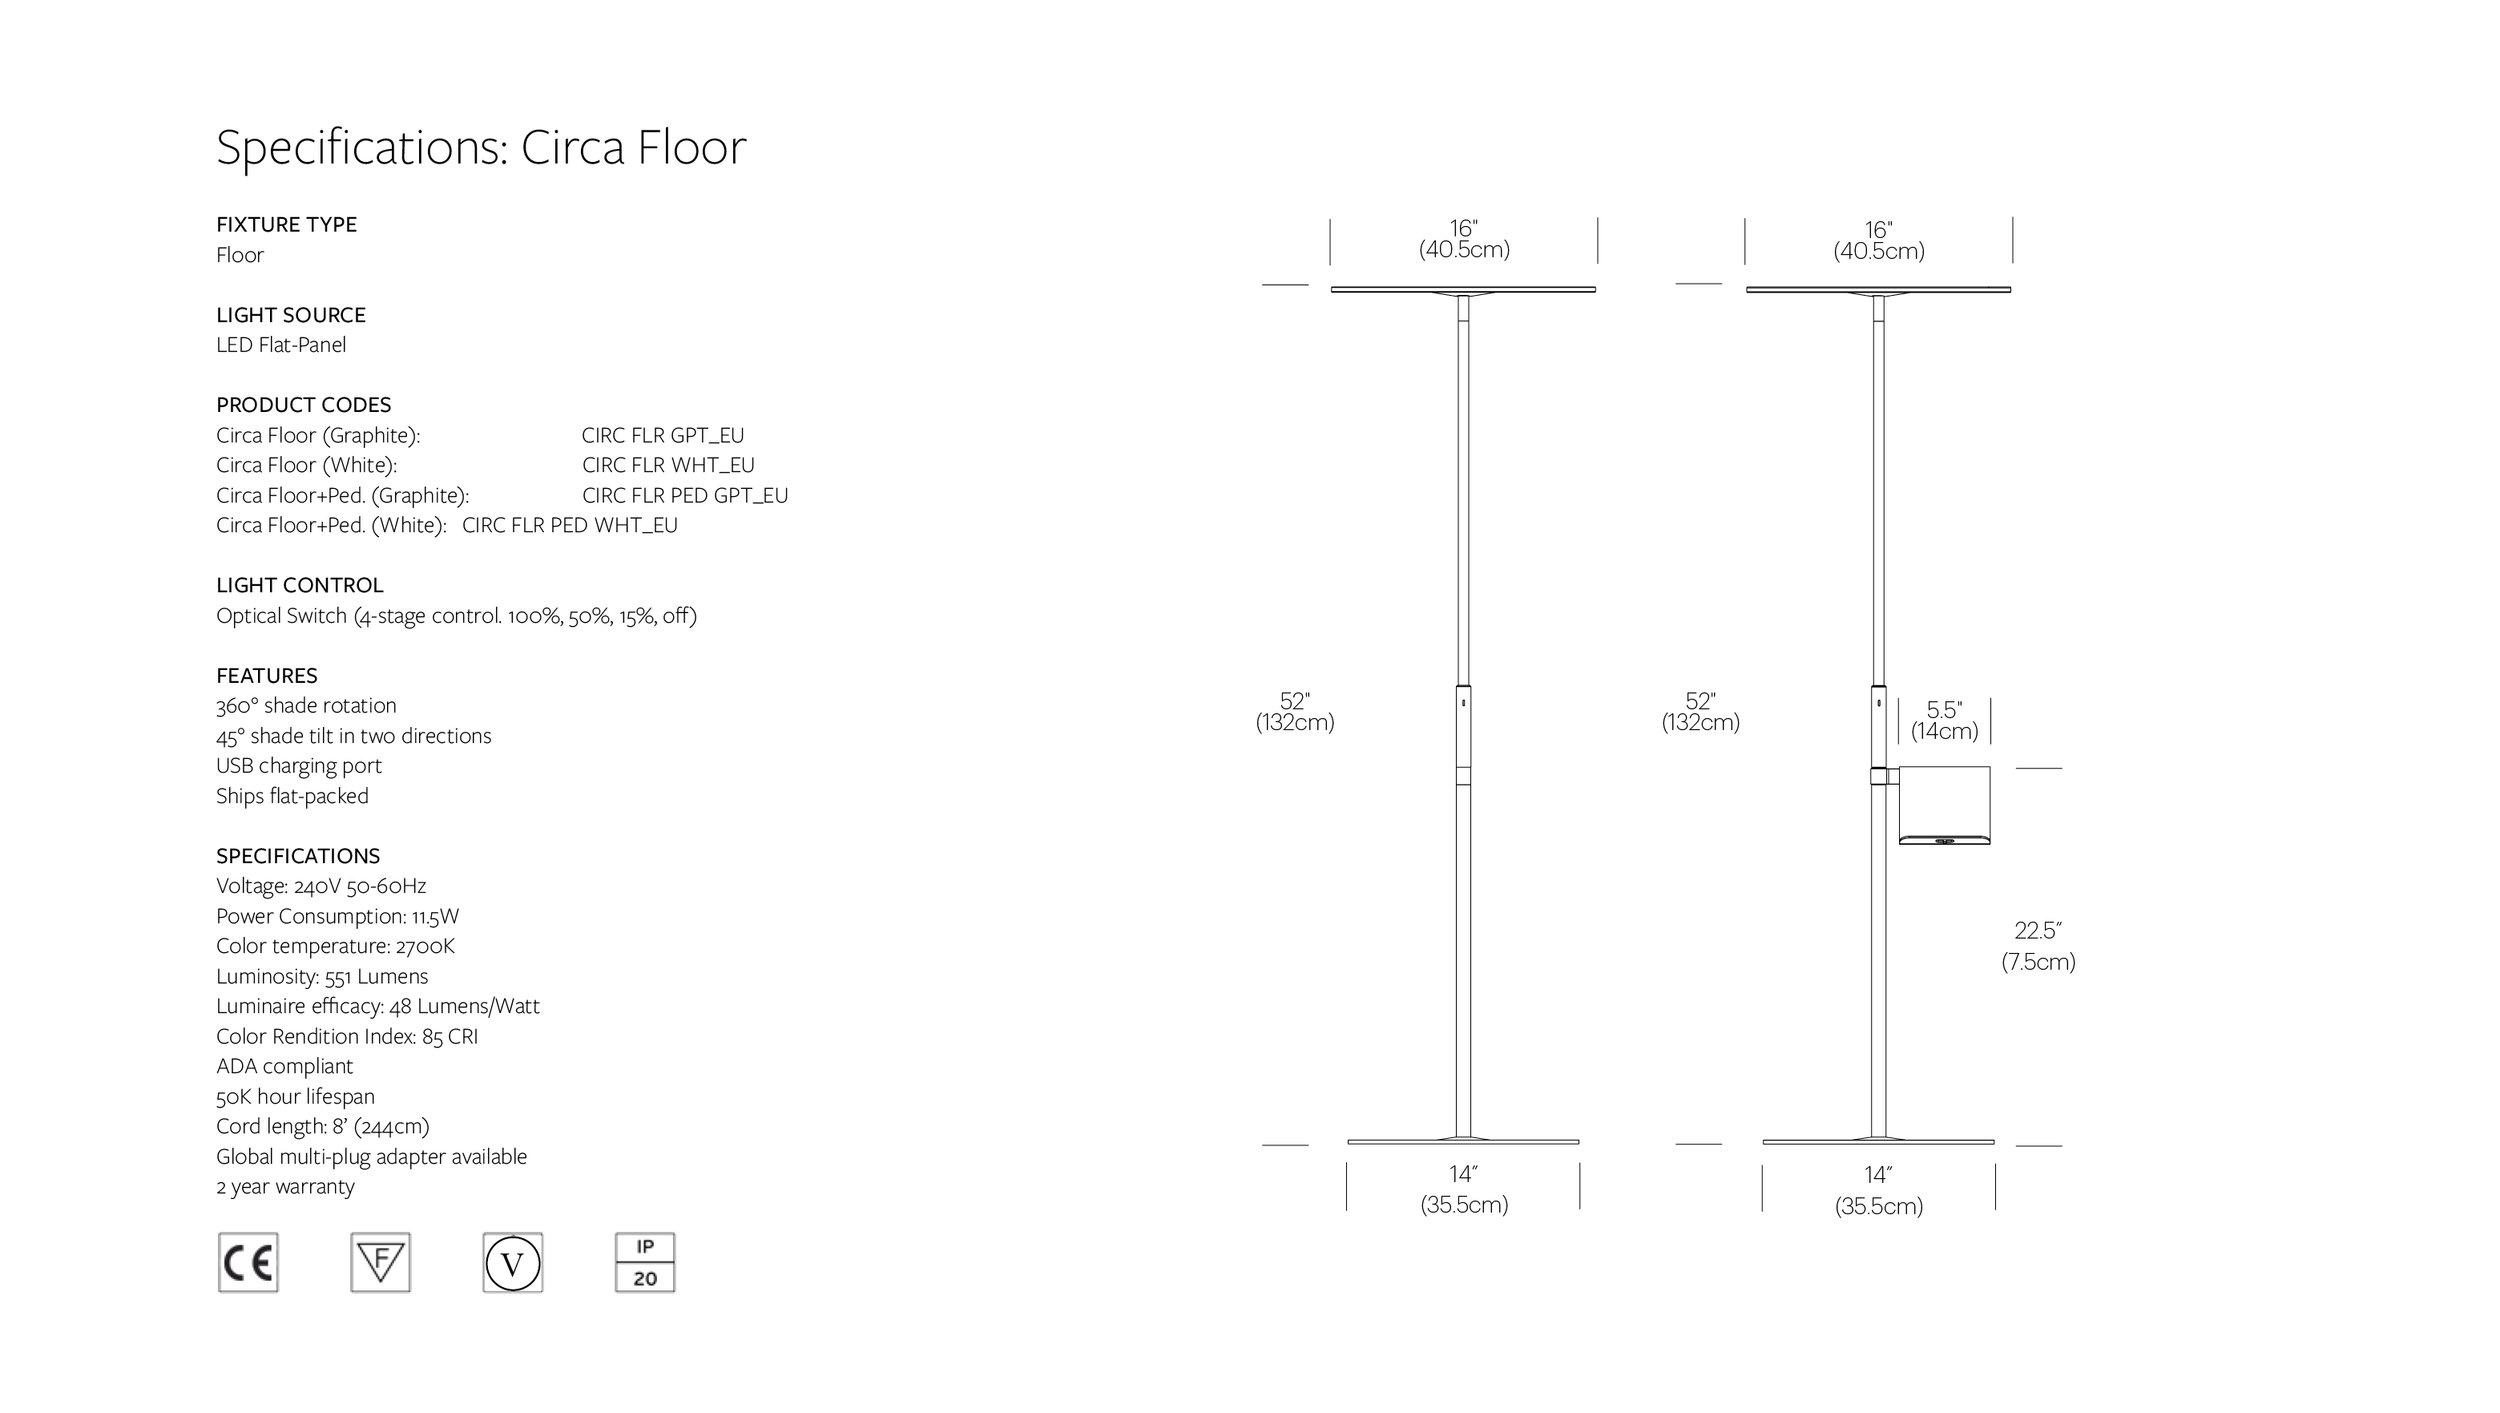 Circa Floor English Spec_240V.jpg